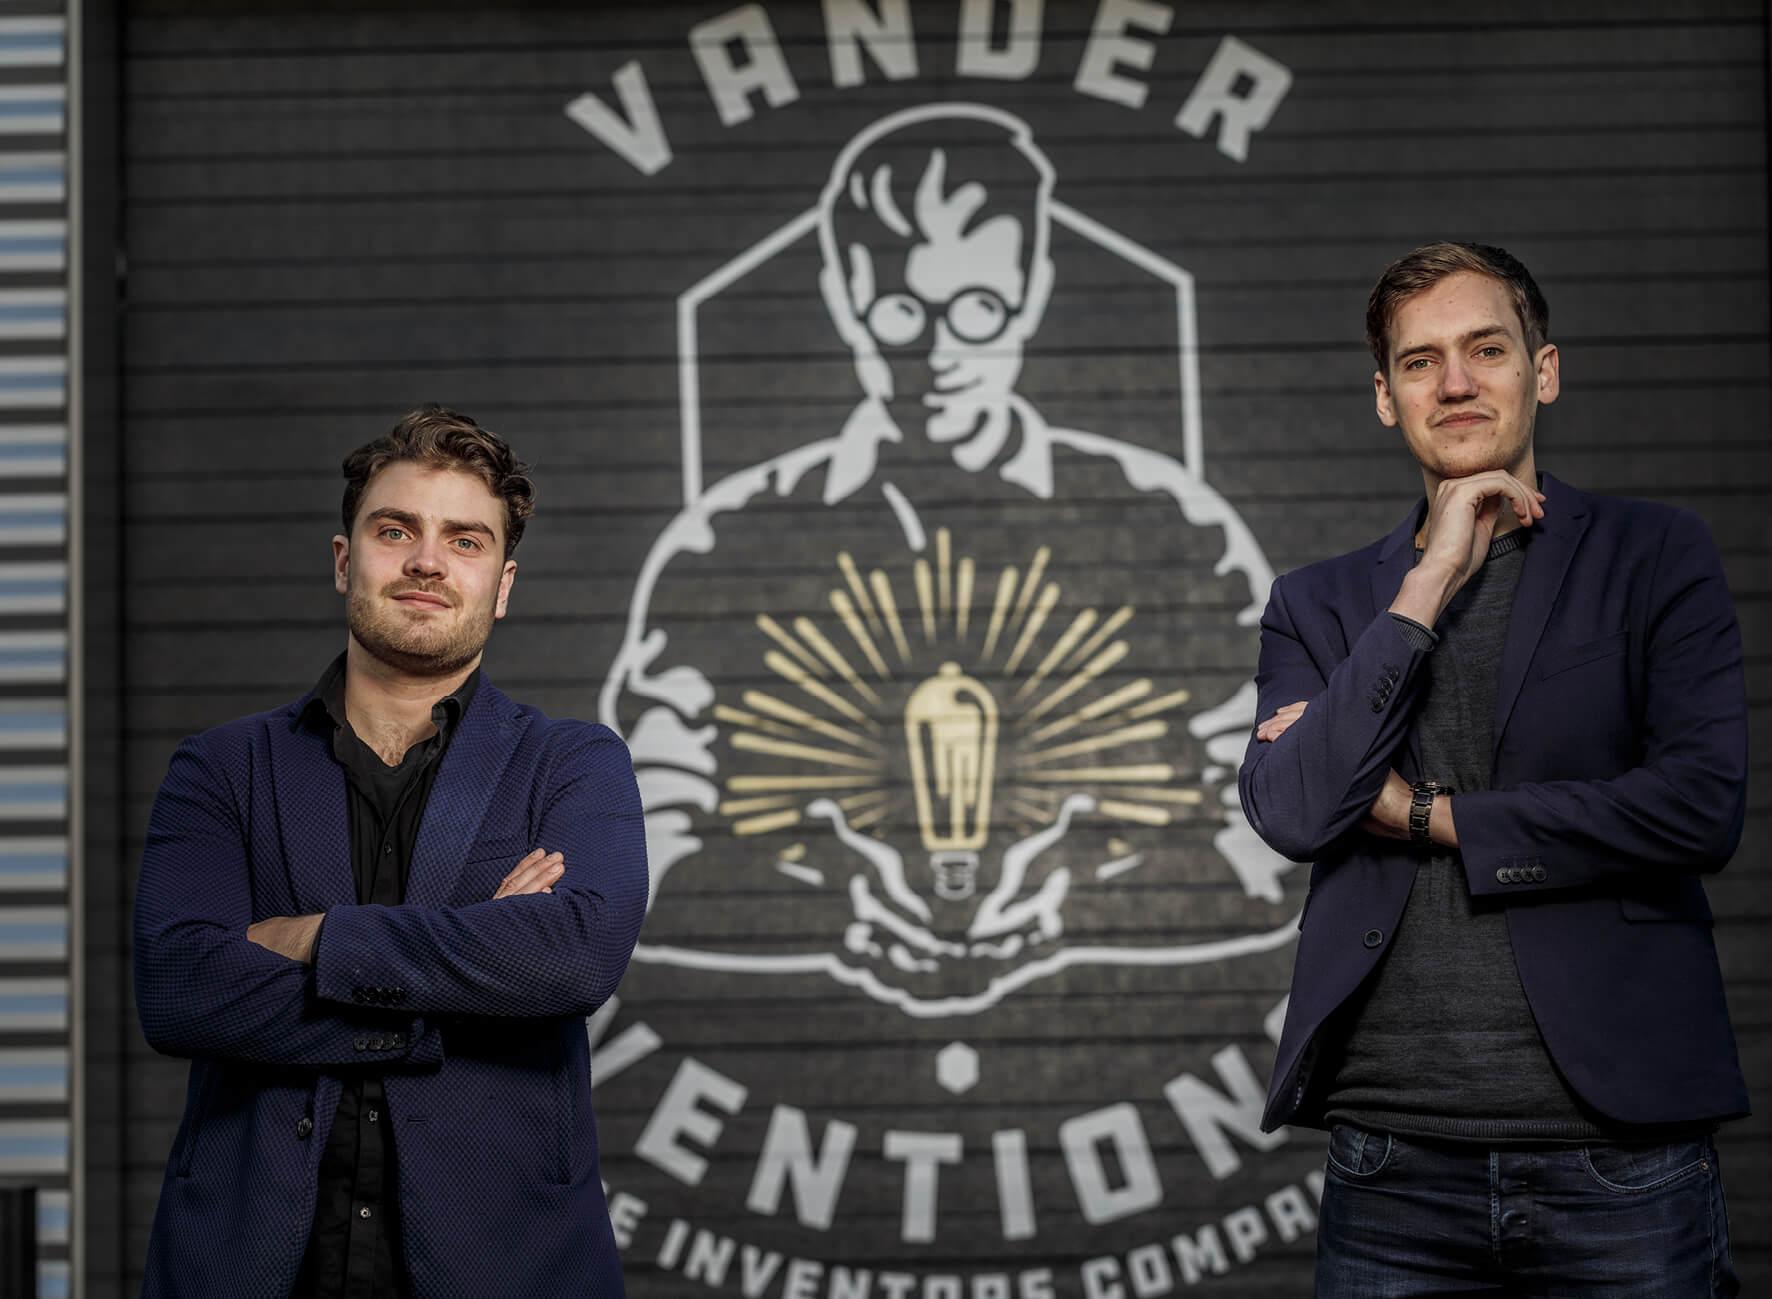 Vander Ventions Starterslift Investments